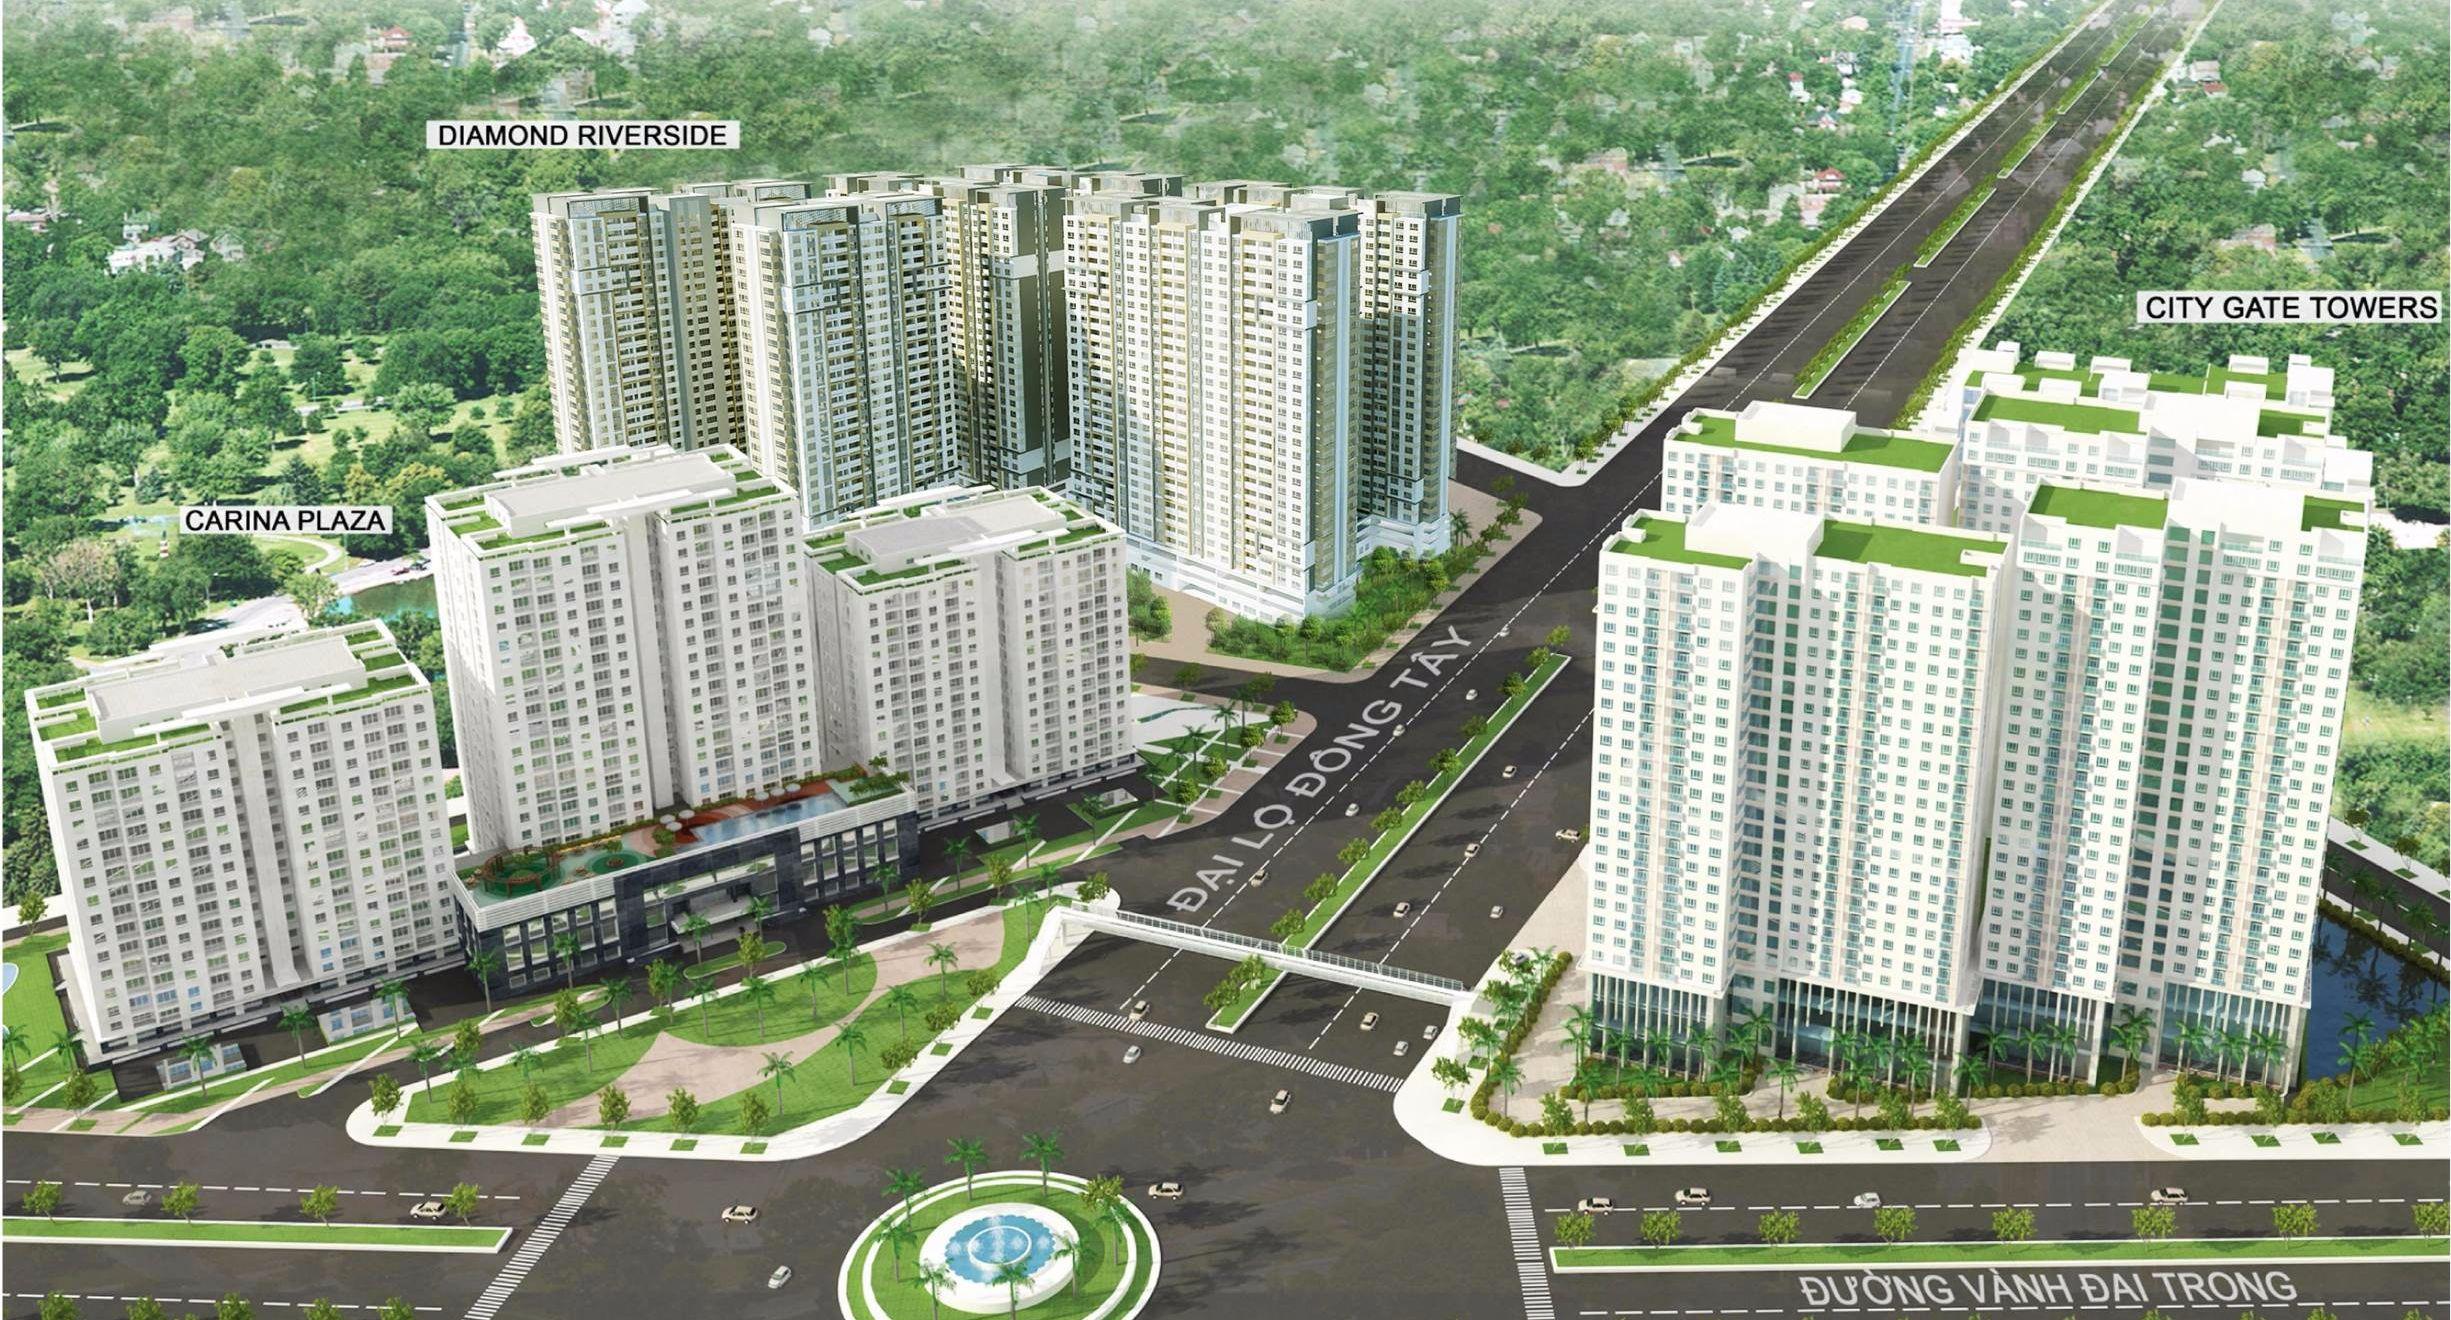 Khu quần thể dự án City Gate Towers - Diamond Riverside - Carina Plaza